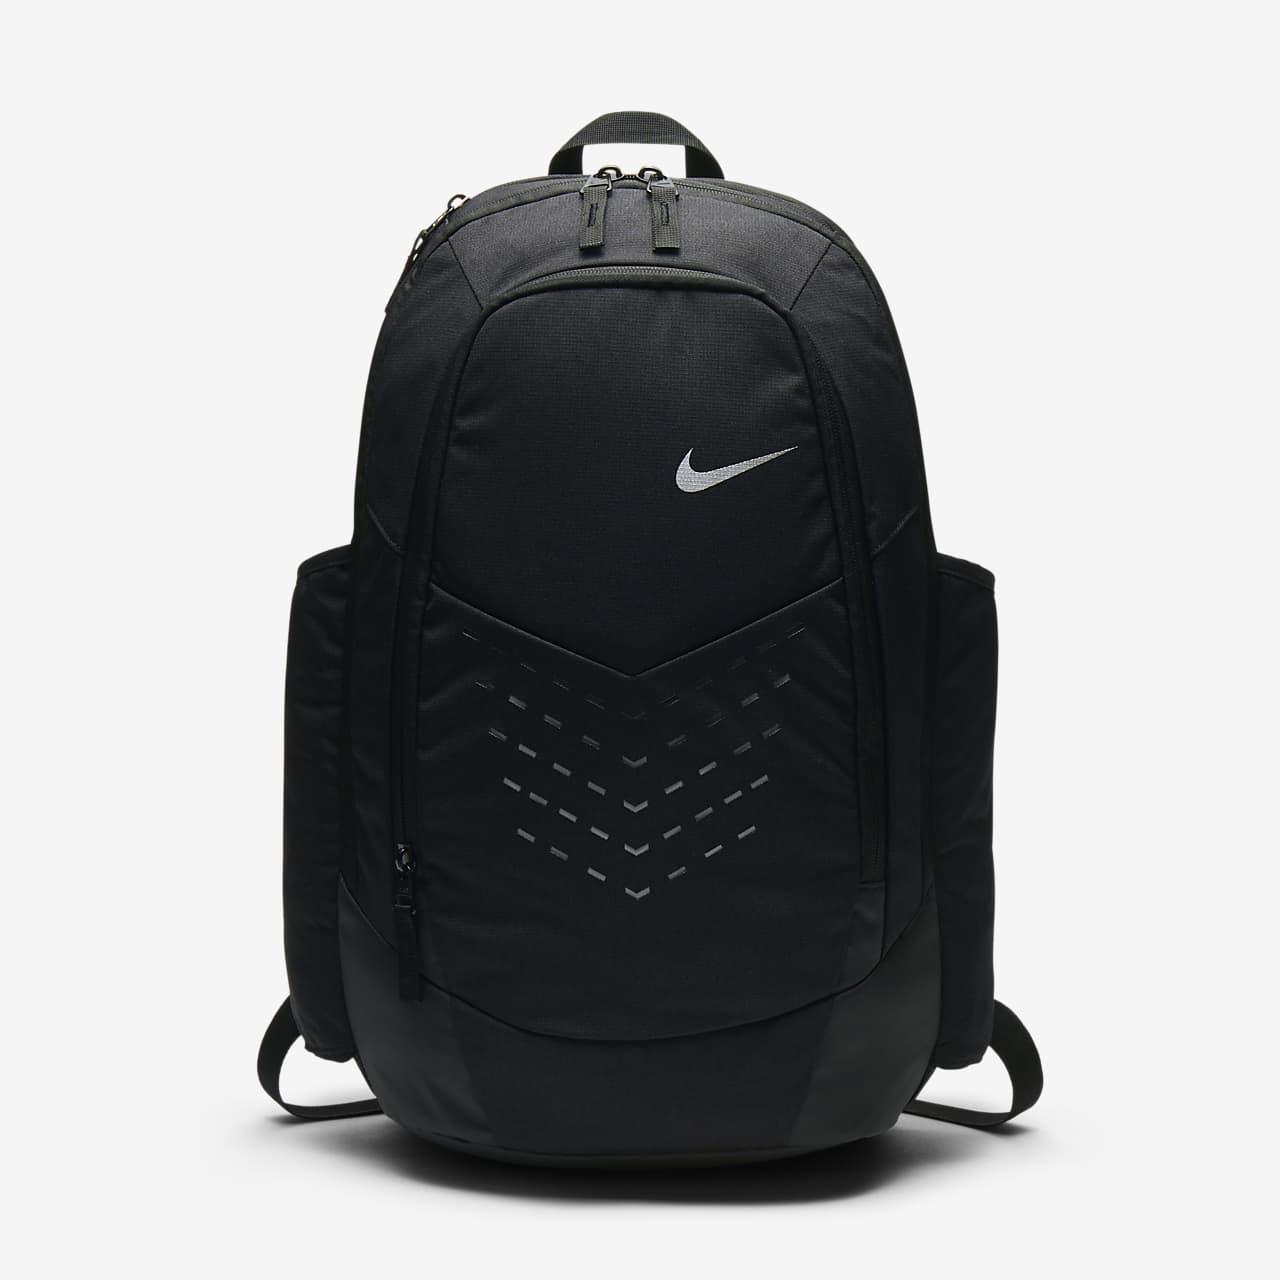 Nike Vapor Energy Training Backpack